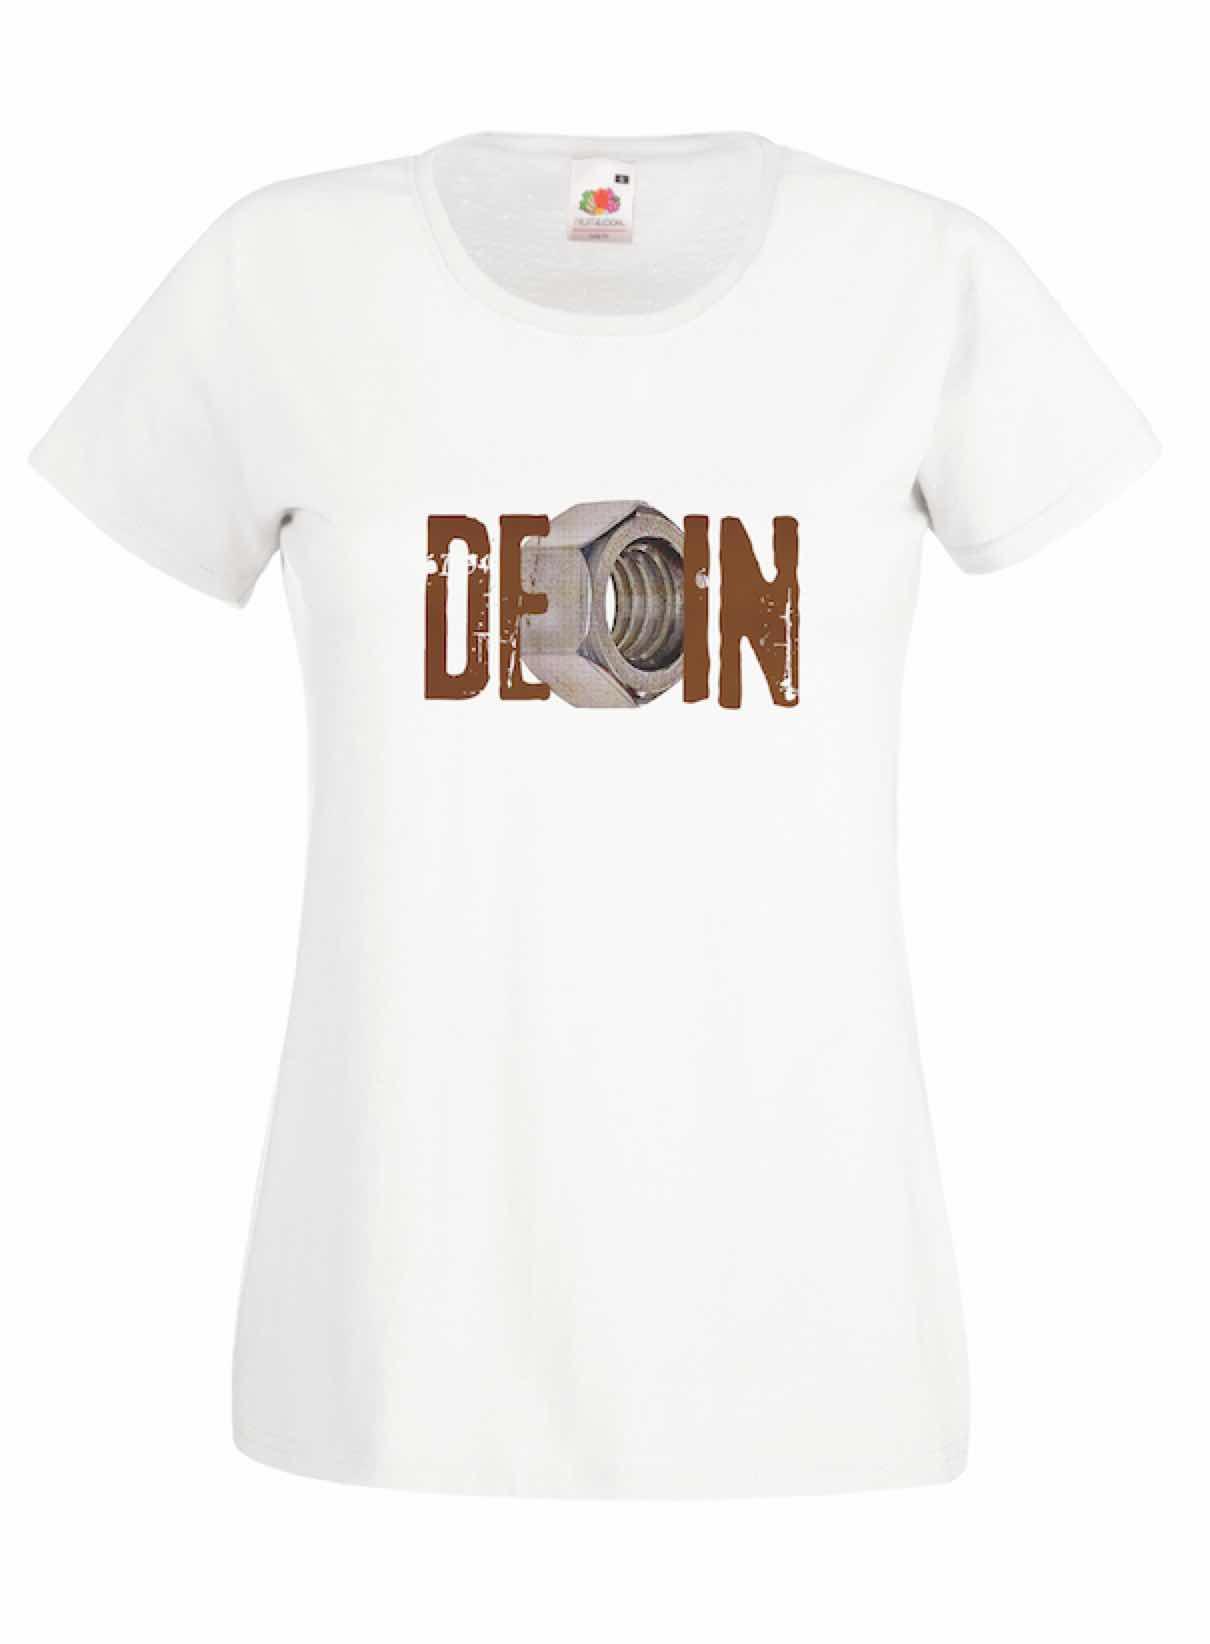 De Moer In design for t-shirt, hoodie & sweatshirt